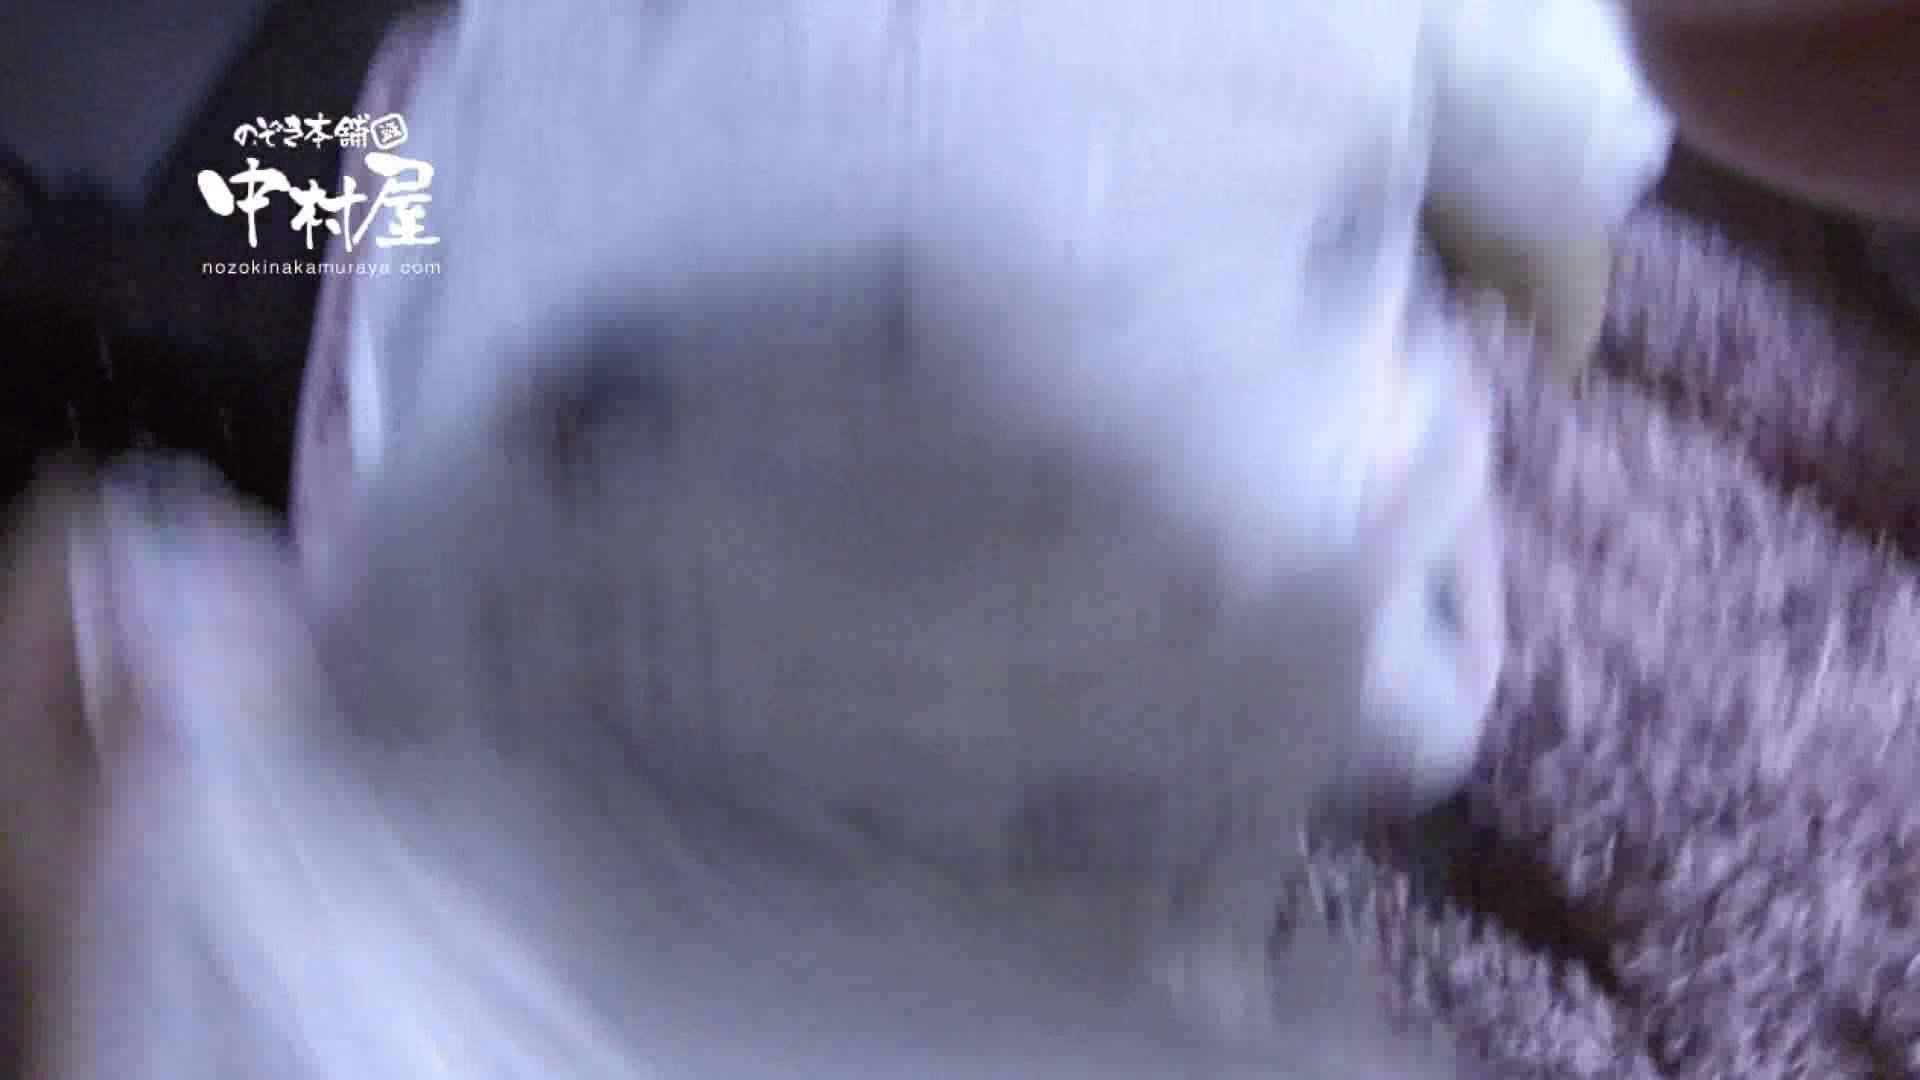 鬼畜 vol.10 あぁ無情…中出しパイパン! 前編 鬼畜 濡れ場動画紹介 101連発 27